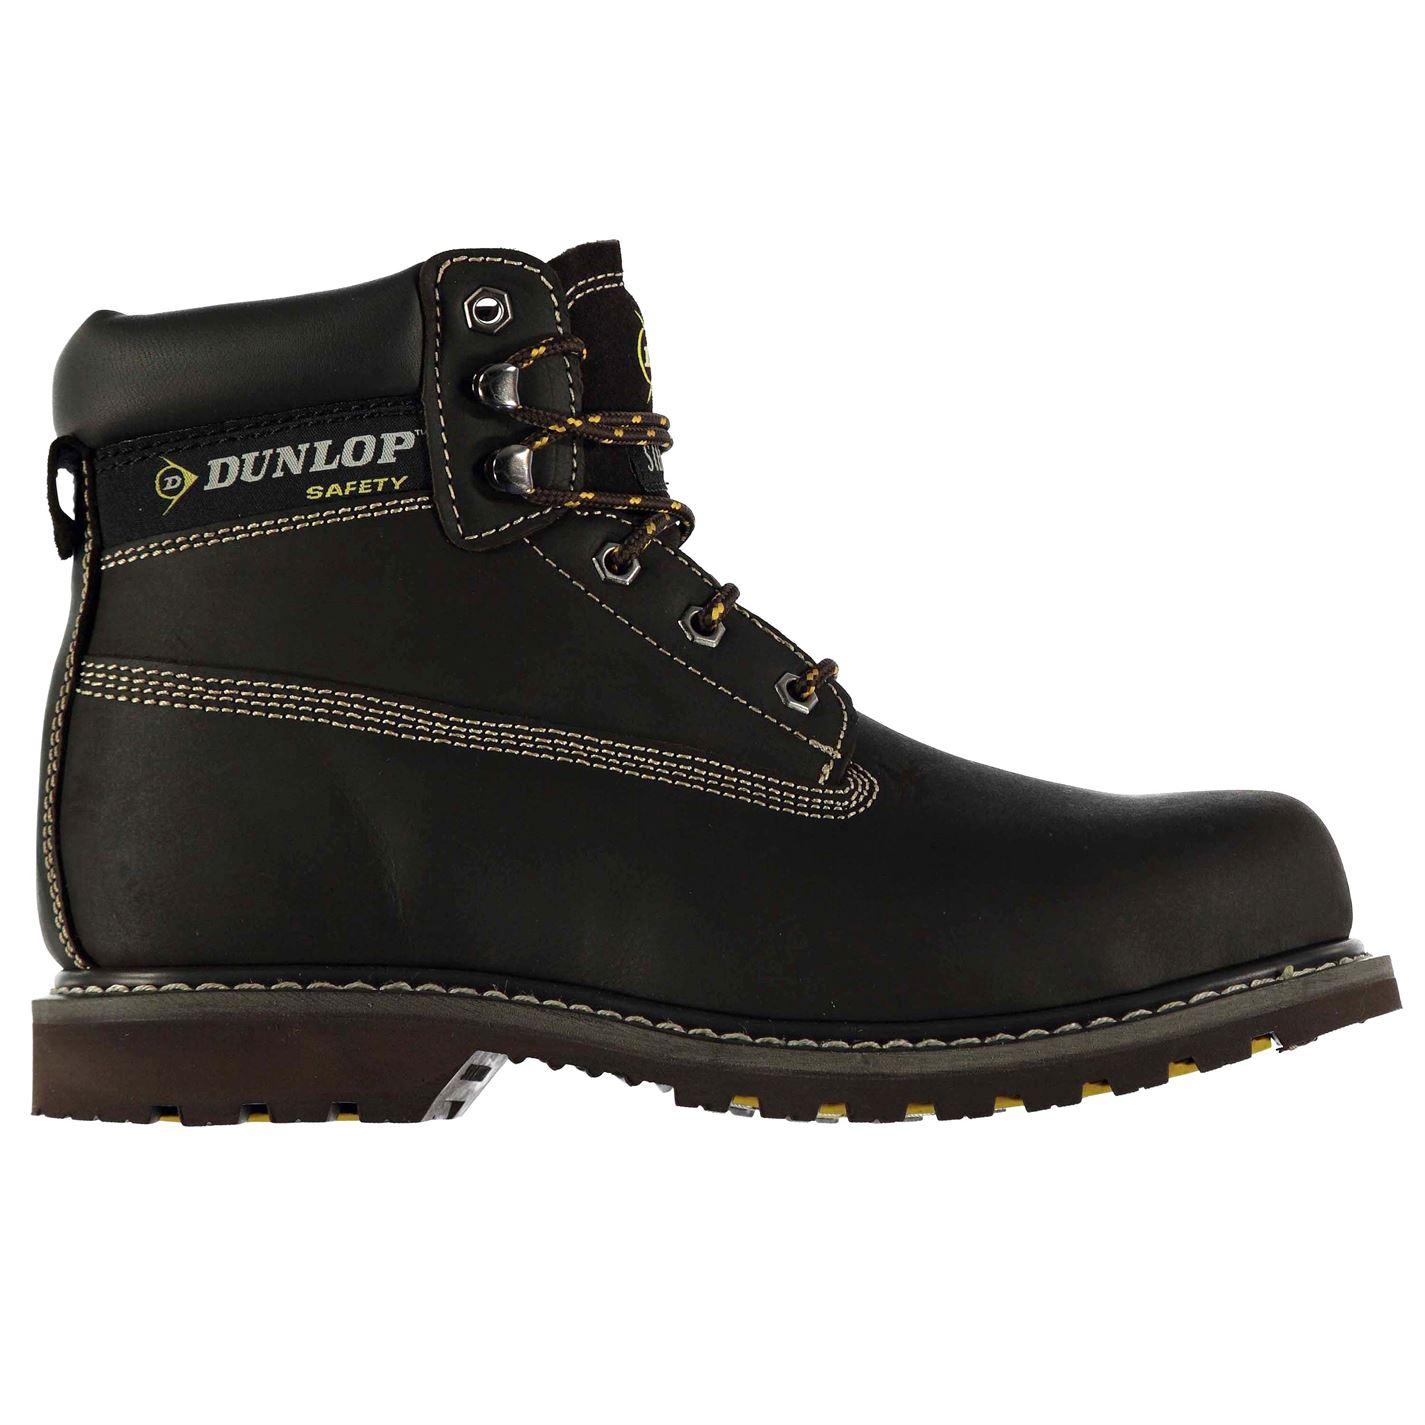 Dunlop Nevada Pánské Safety Boots - Glami.sk 686eb164b9f